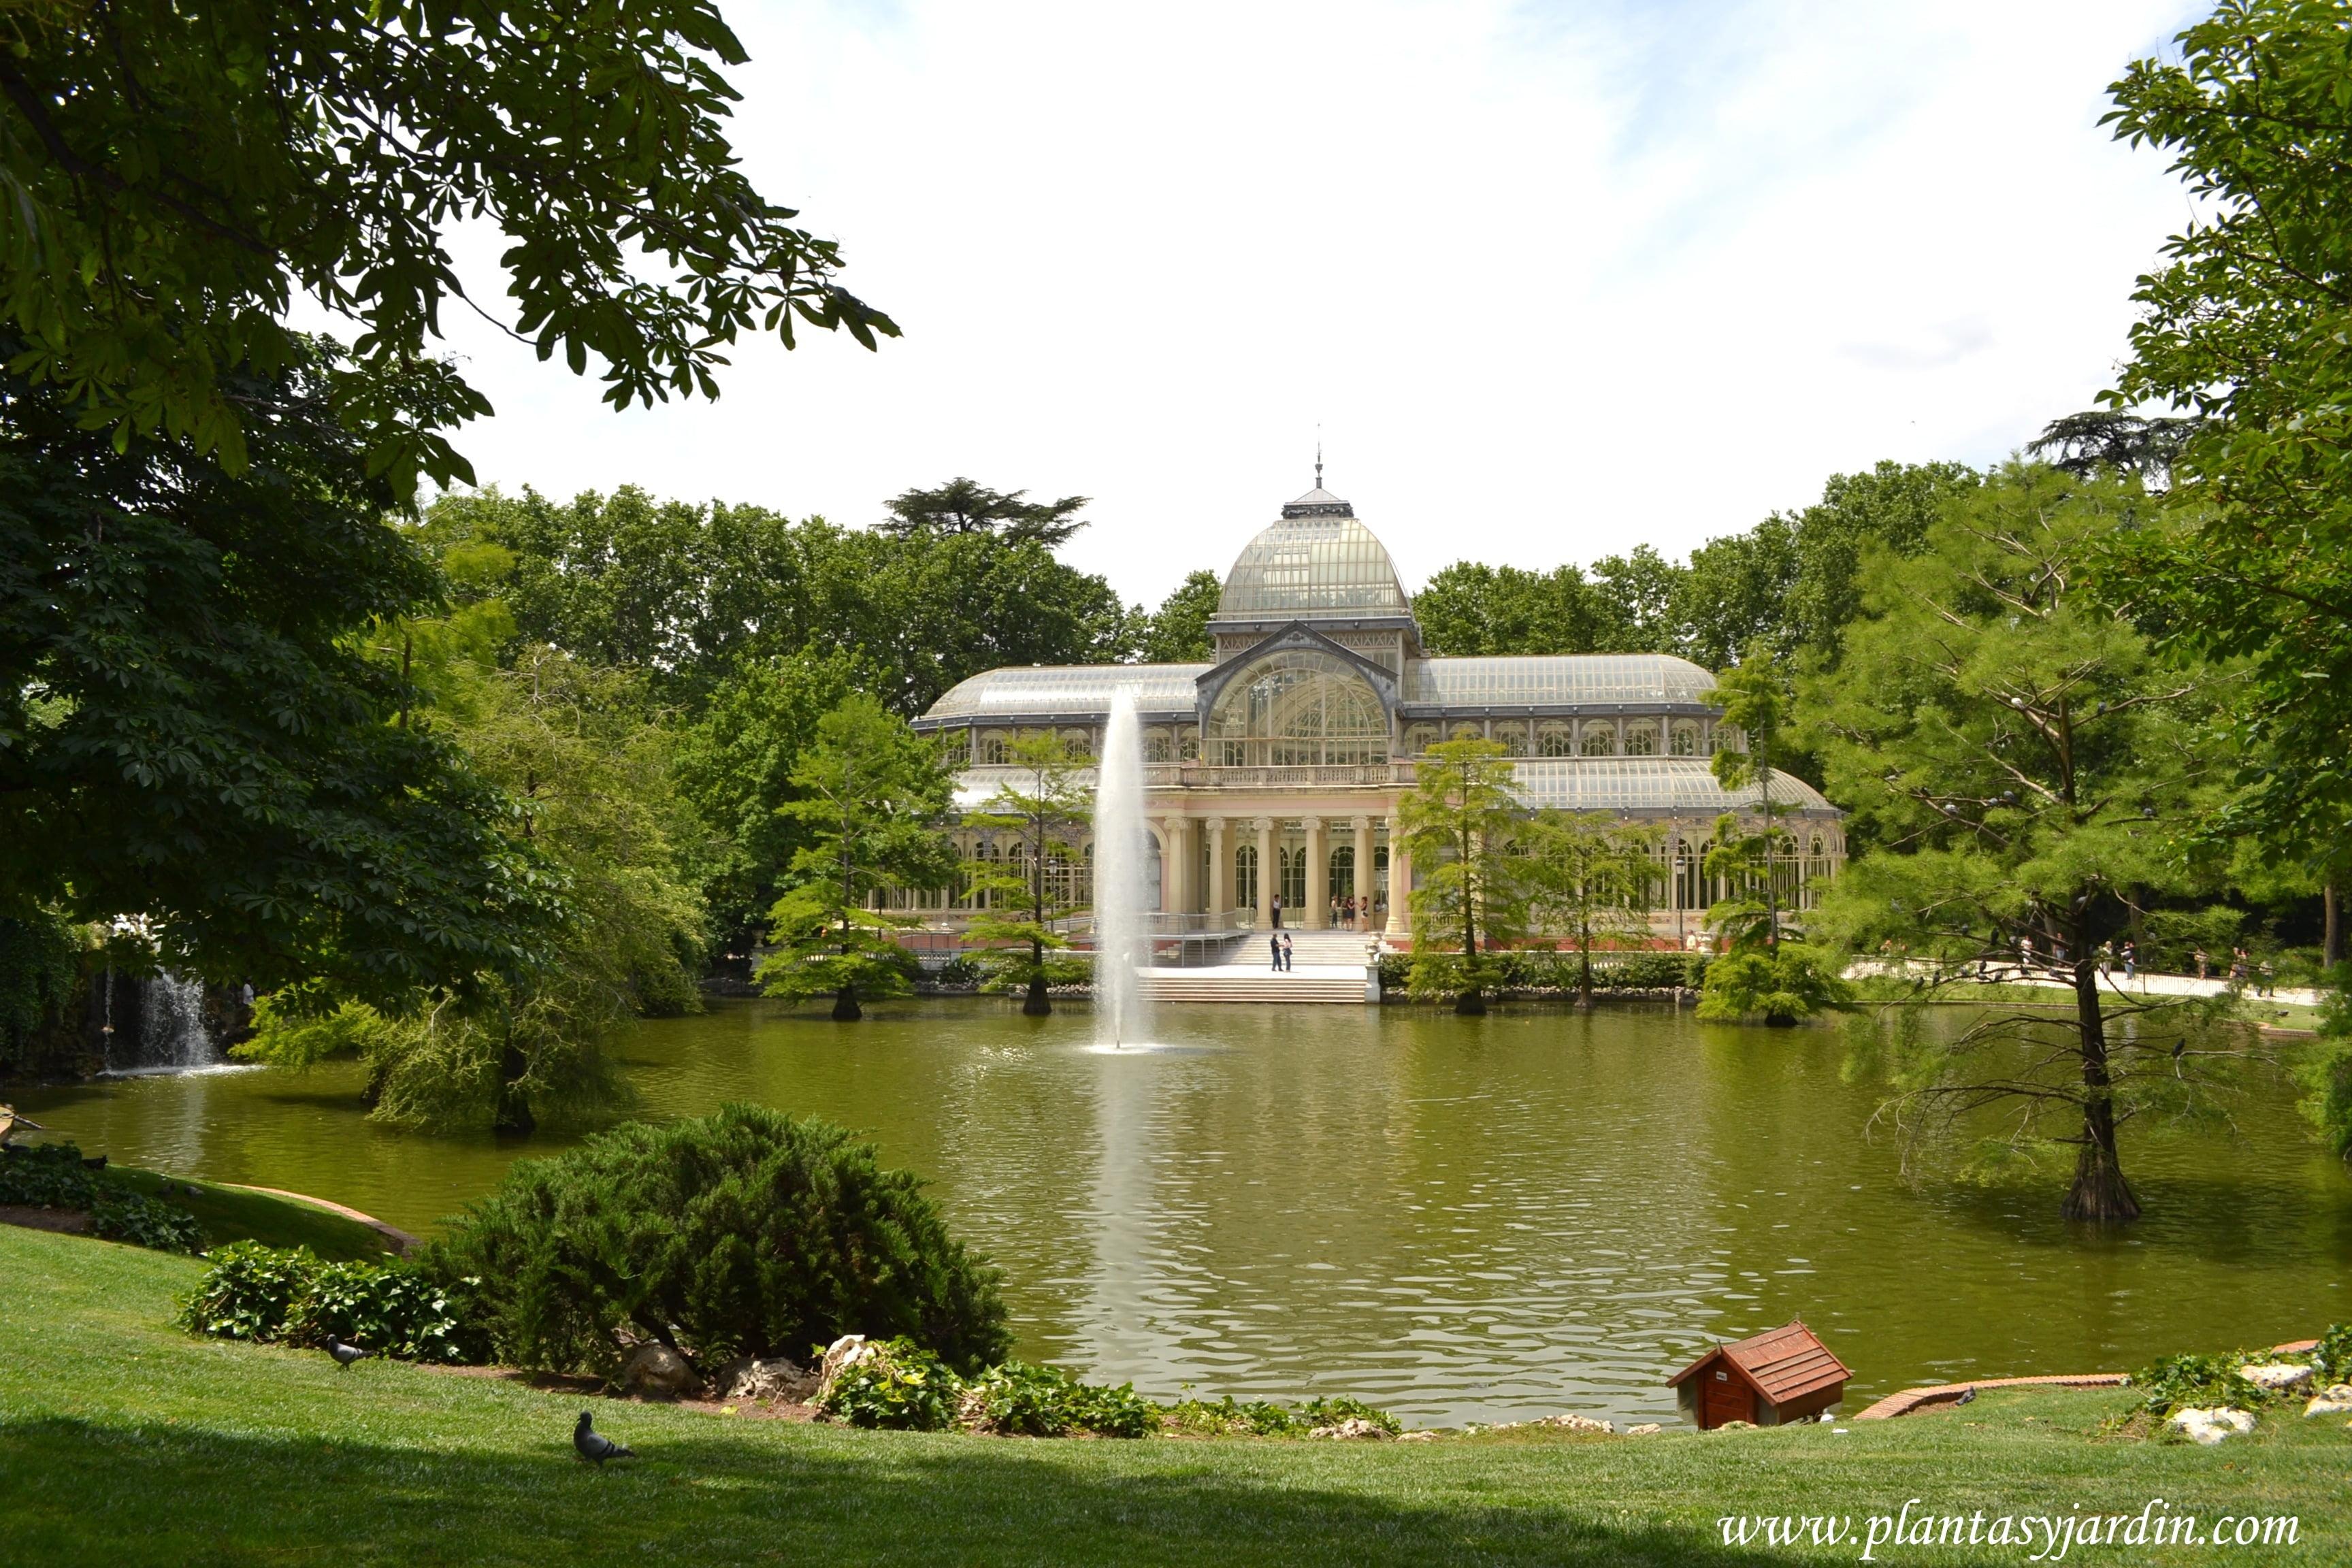 El Palacio De Cristal En El Parque Del Buen Retiro En Madrid Plantas Y Jardín